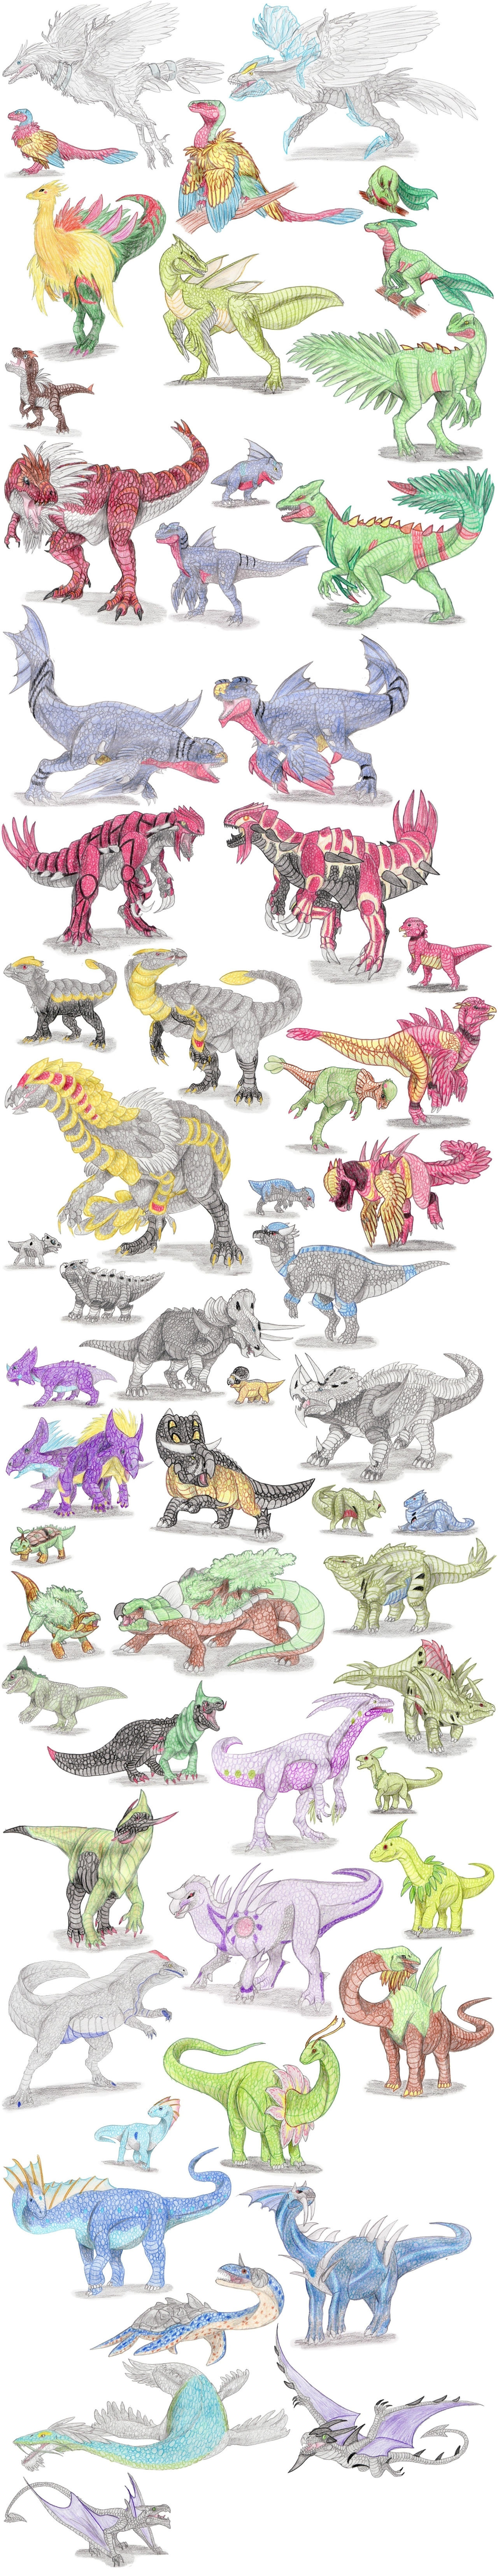 Dinosaur Pokemon